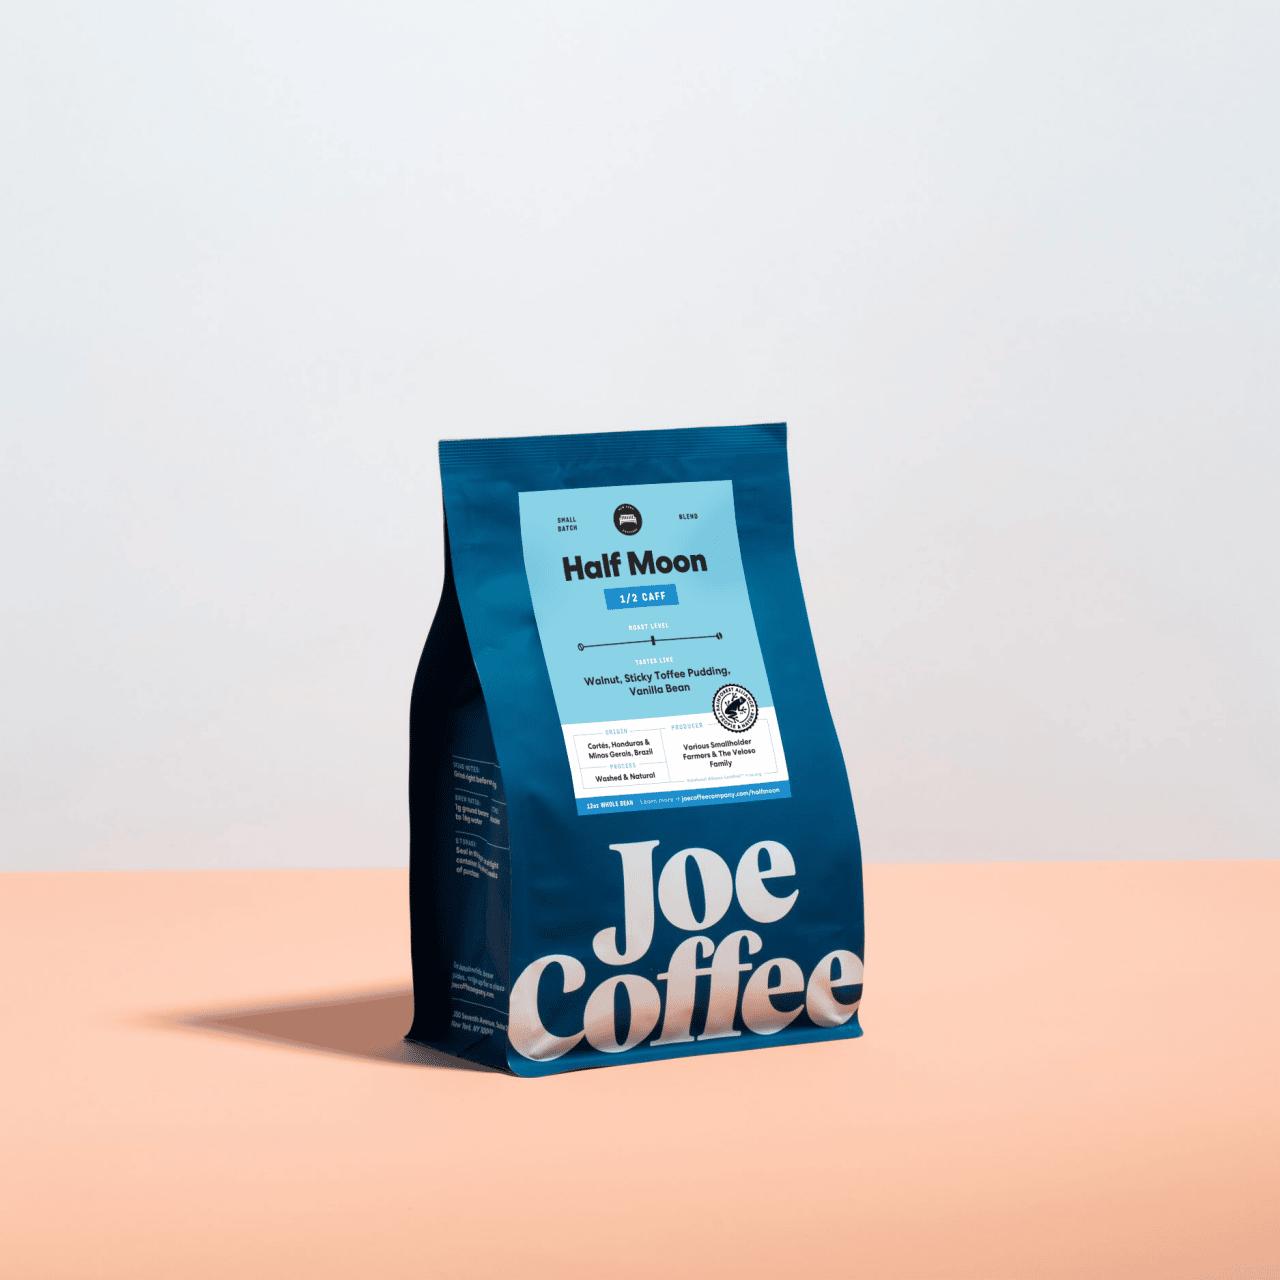 Bag of Half Moon coffee